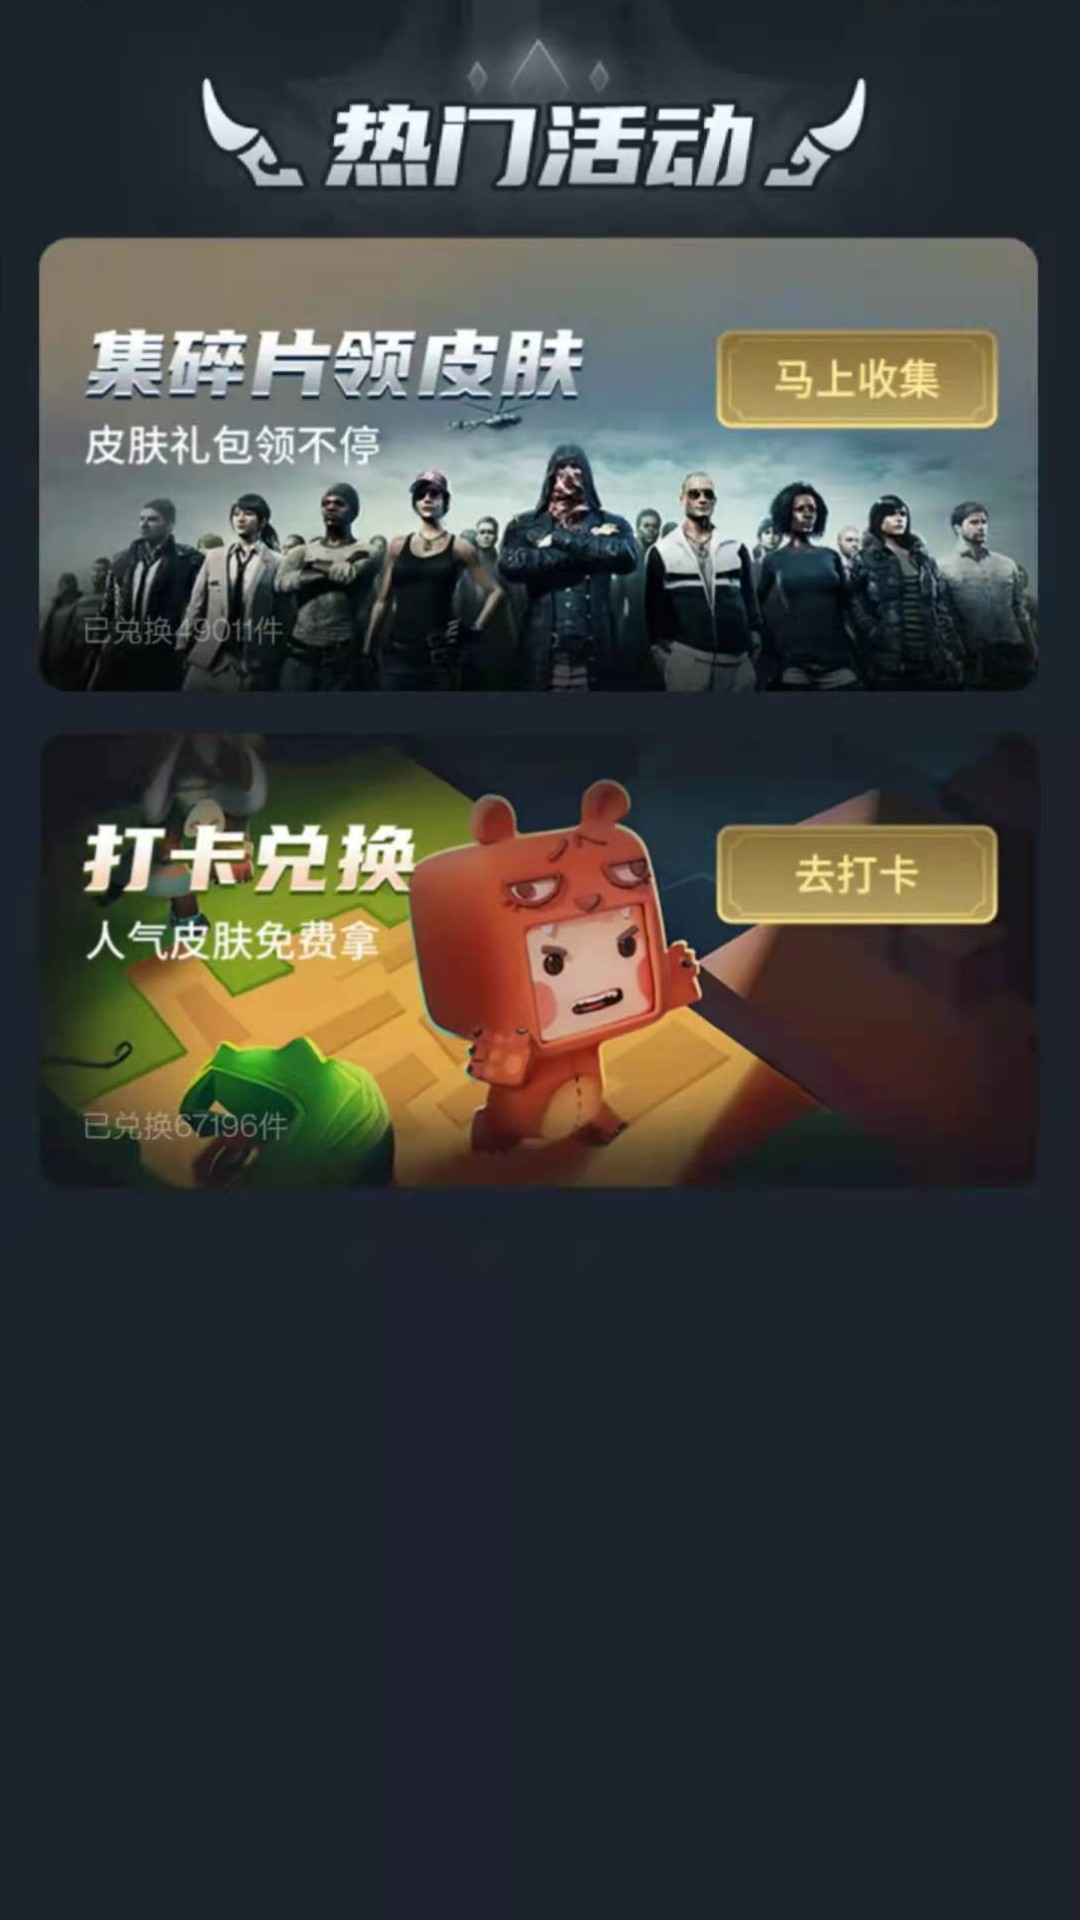 换肤王者荣耀App免费版图片1